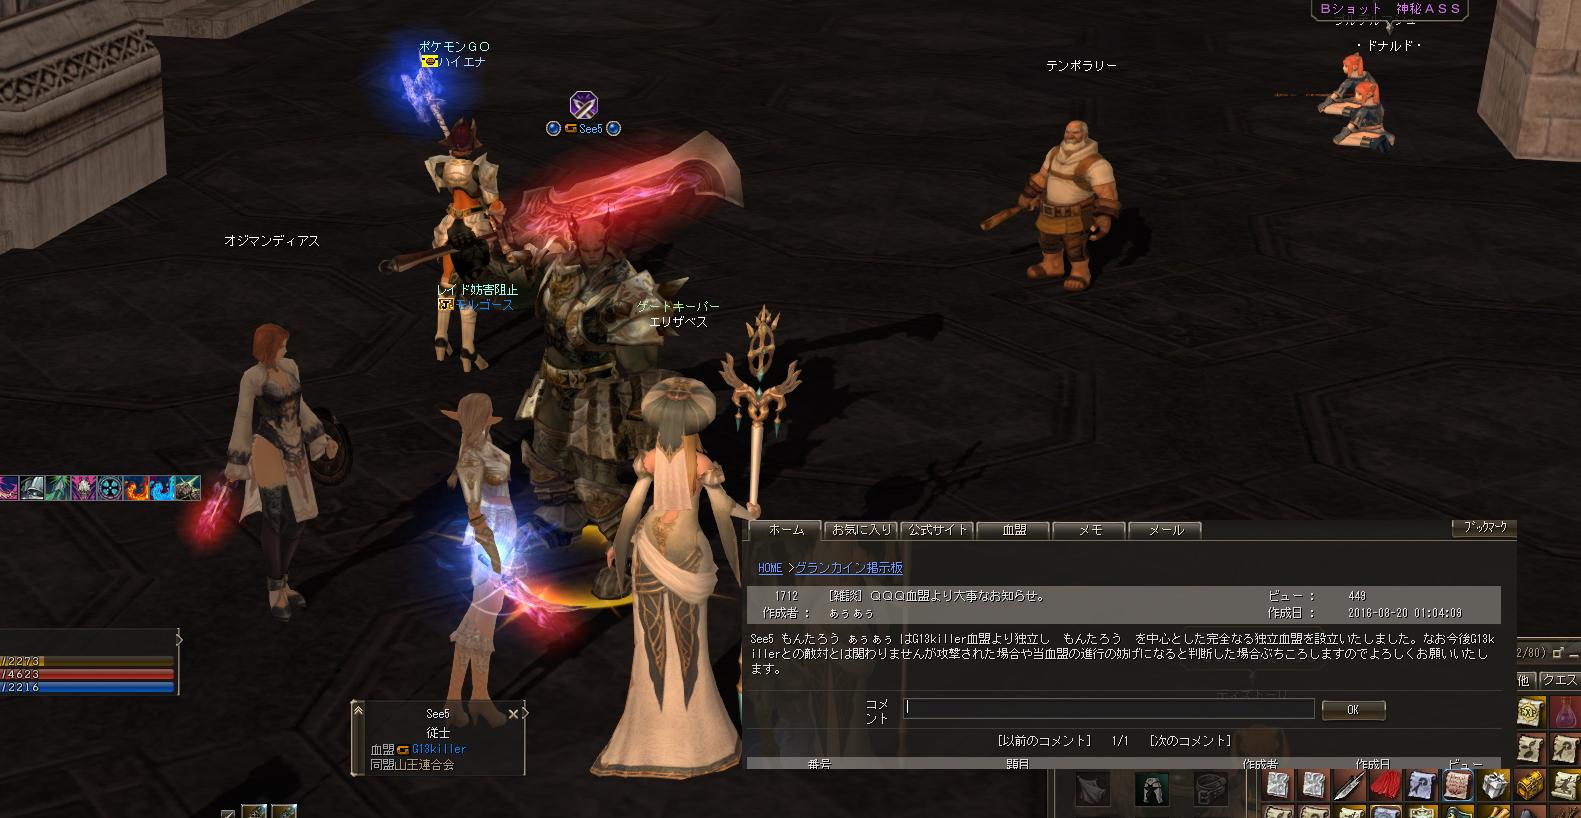 Shot00209.jpg